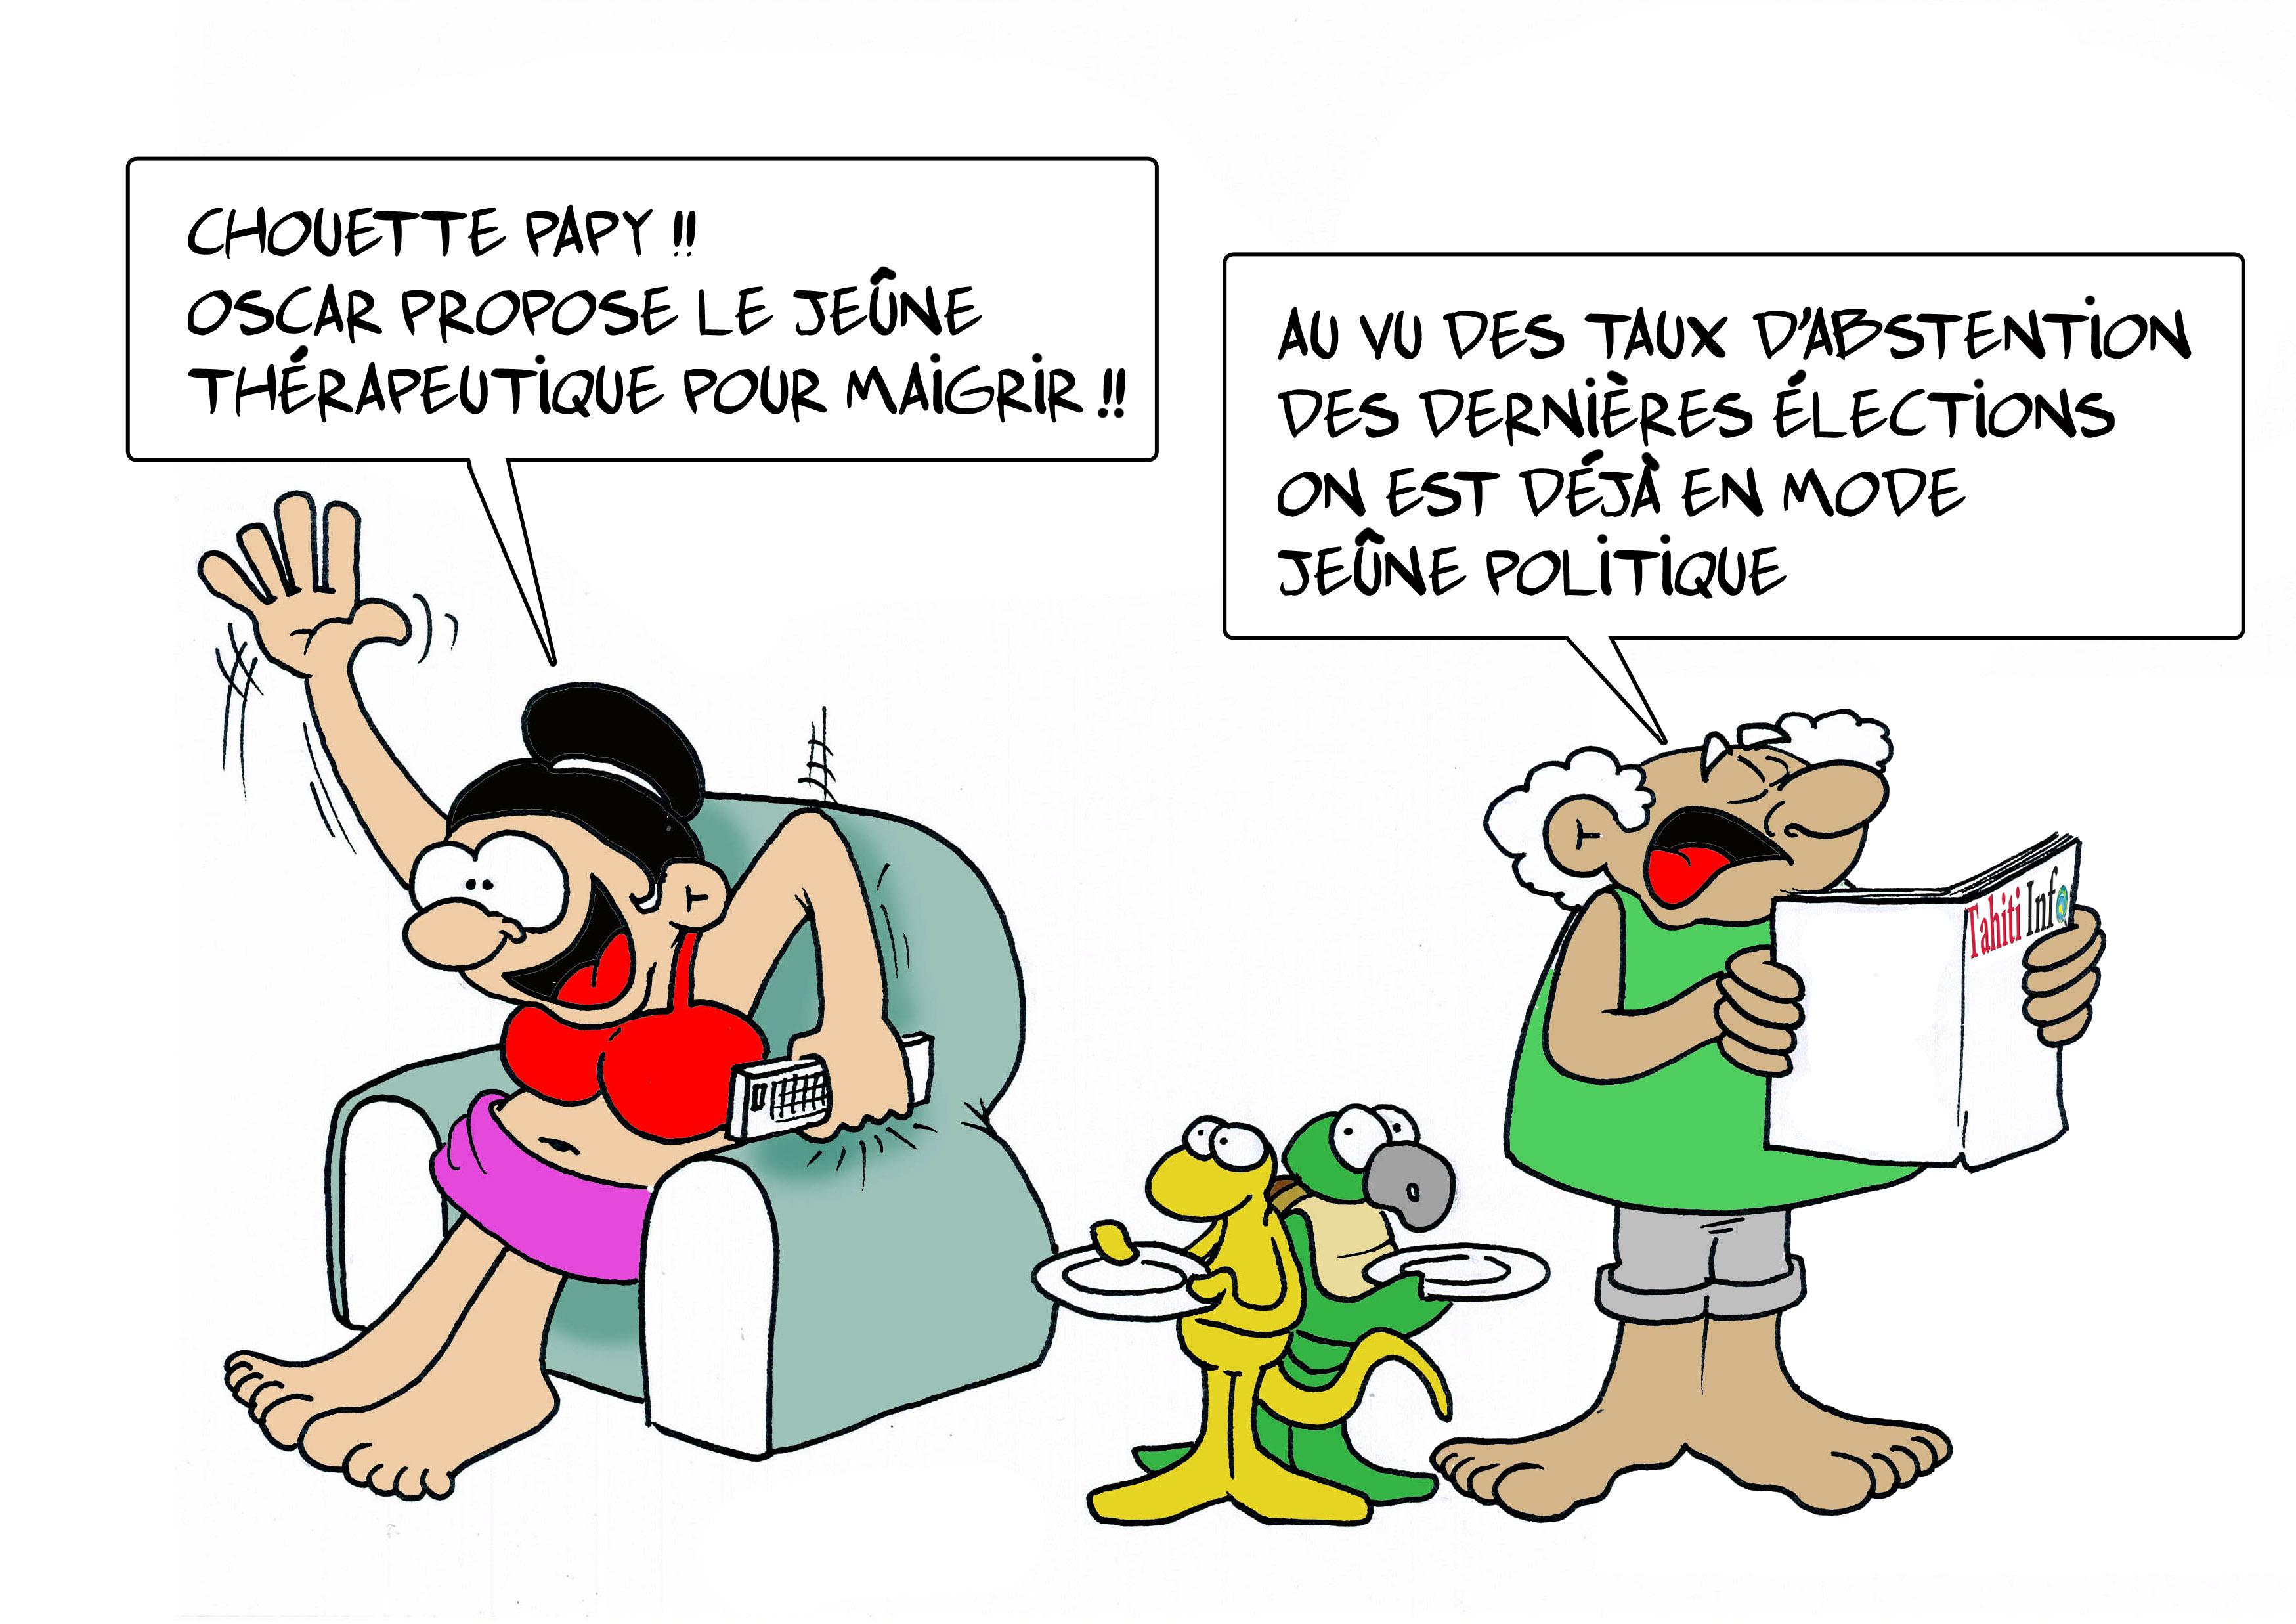 """"""" Le jeûne thérapeutique """" vu par Munoz"""